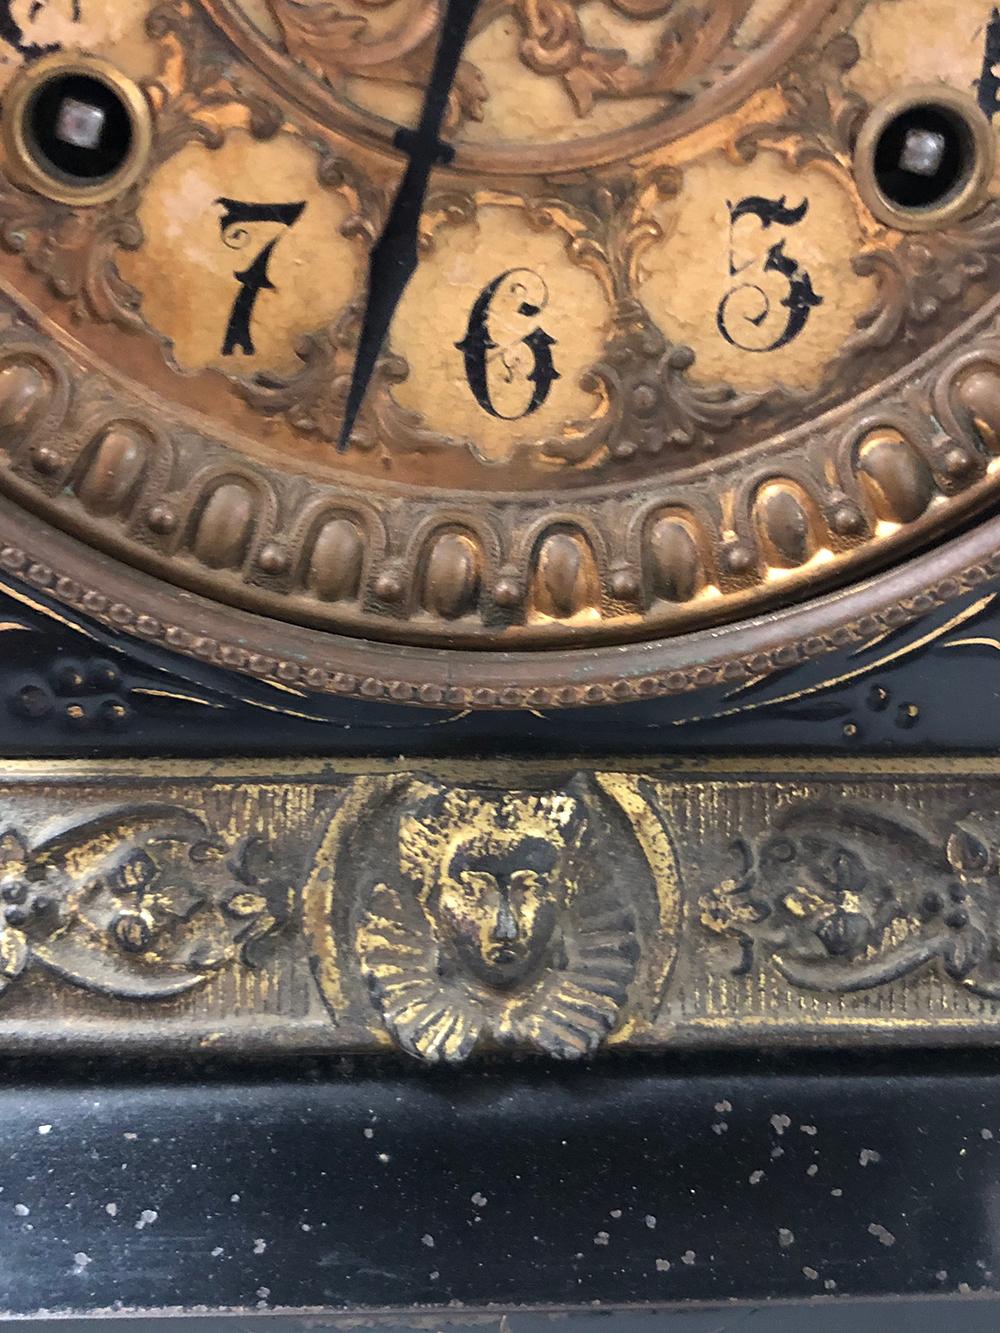 Lot 143: Ansonia Mantel Clock